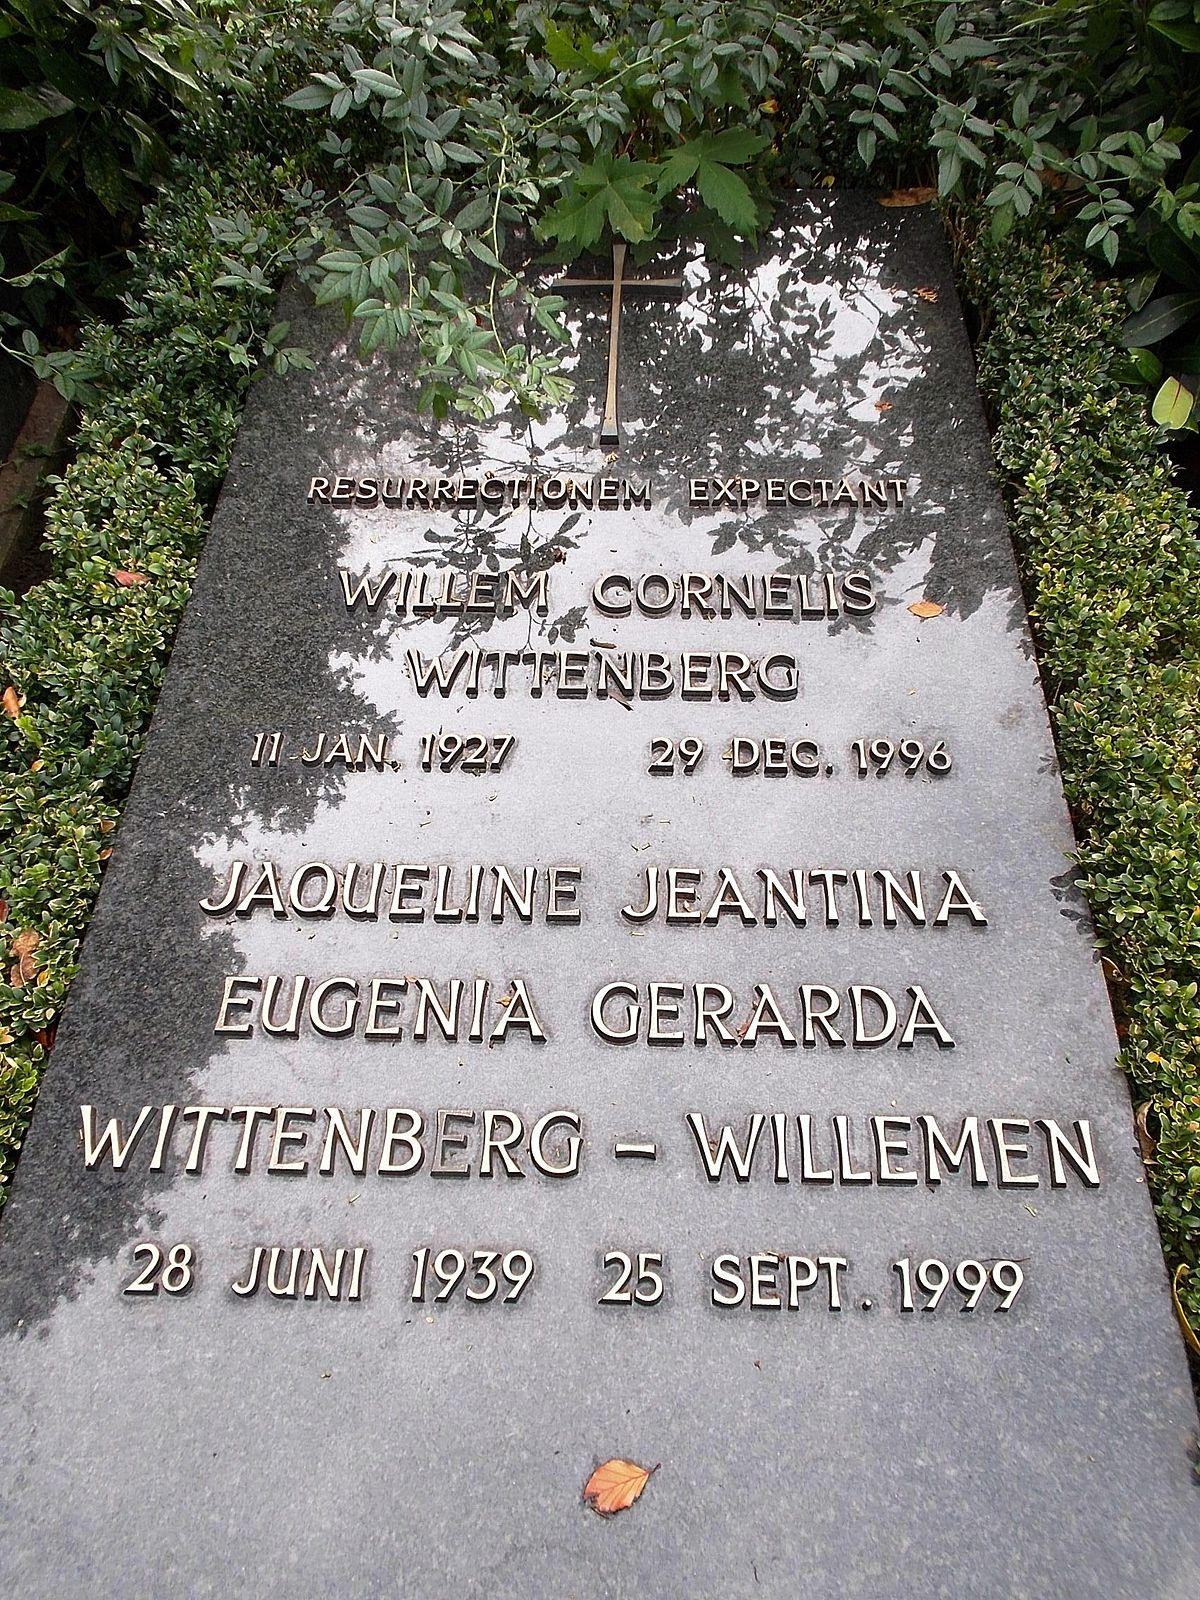 Deventer moordzaak  Wikipedia